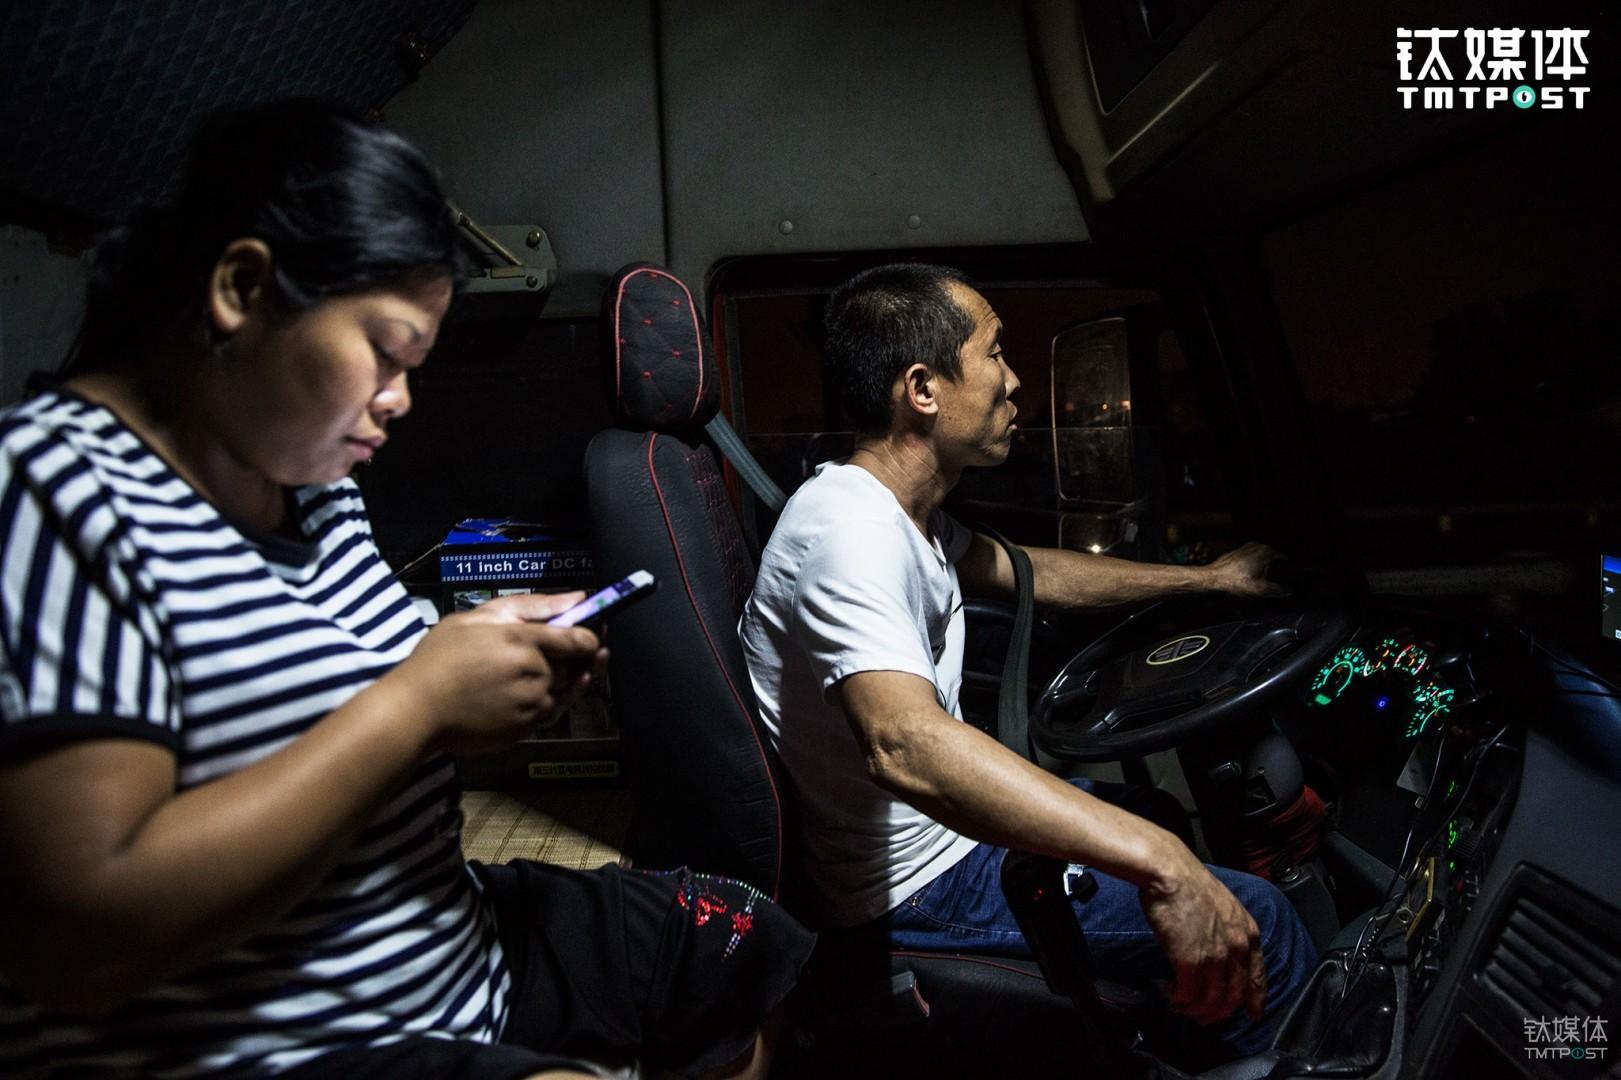 钛媒体《在线》跟拍了一堆货车司机夫妇:货车车主金强、王静夫妇。